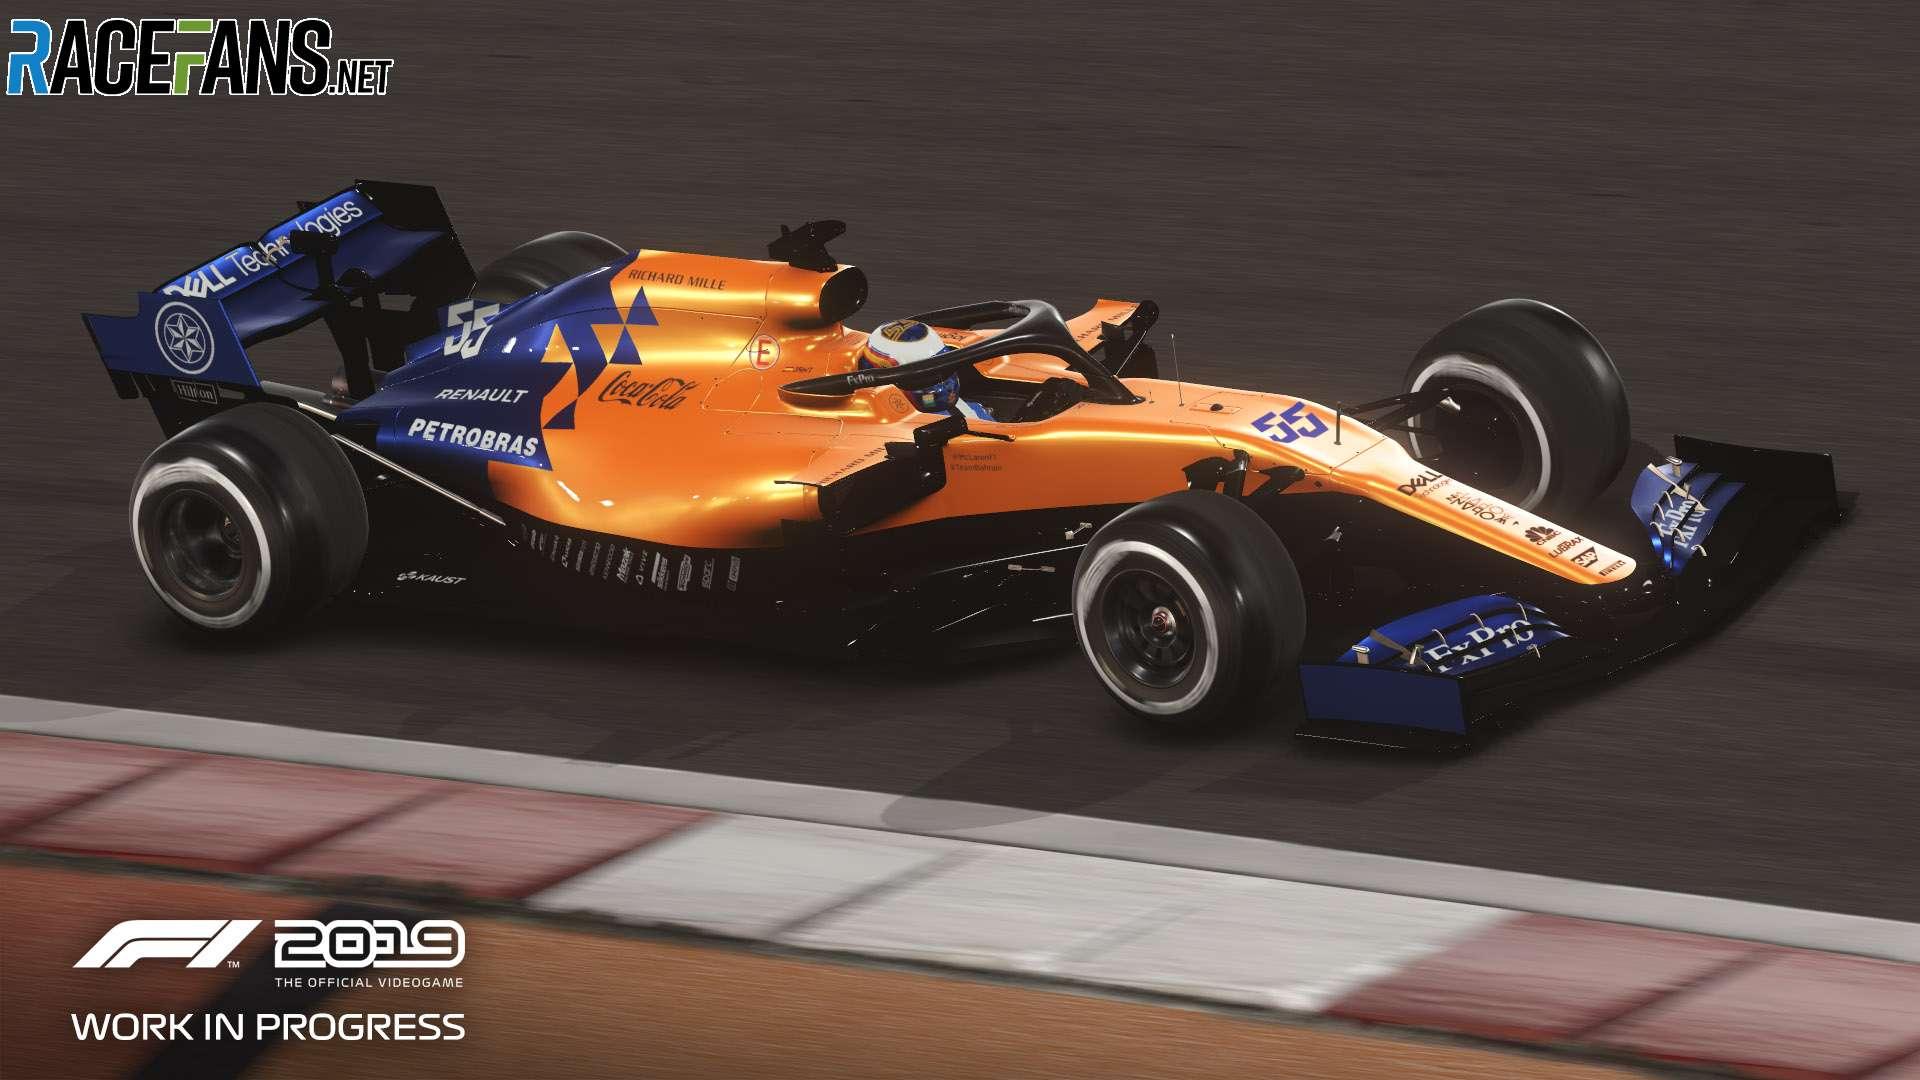 F1 2019: Mclaren